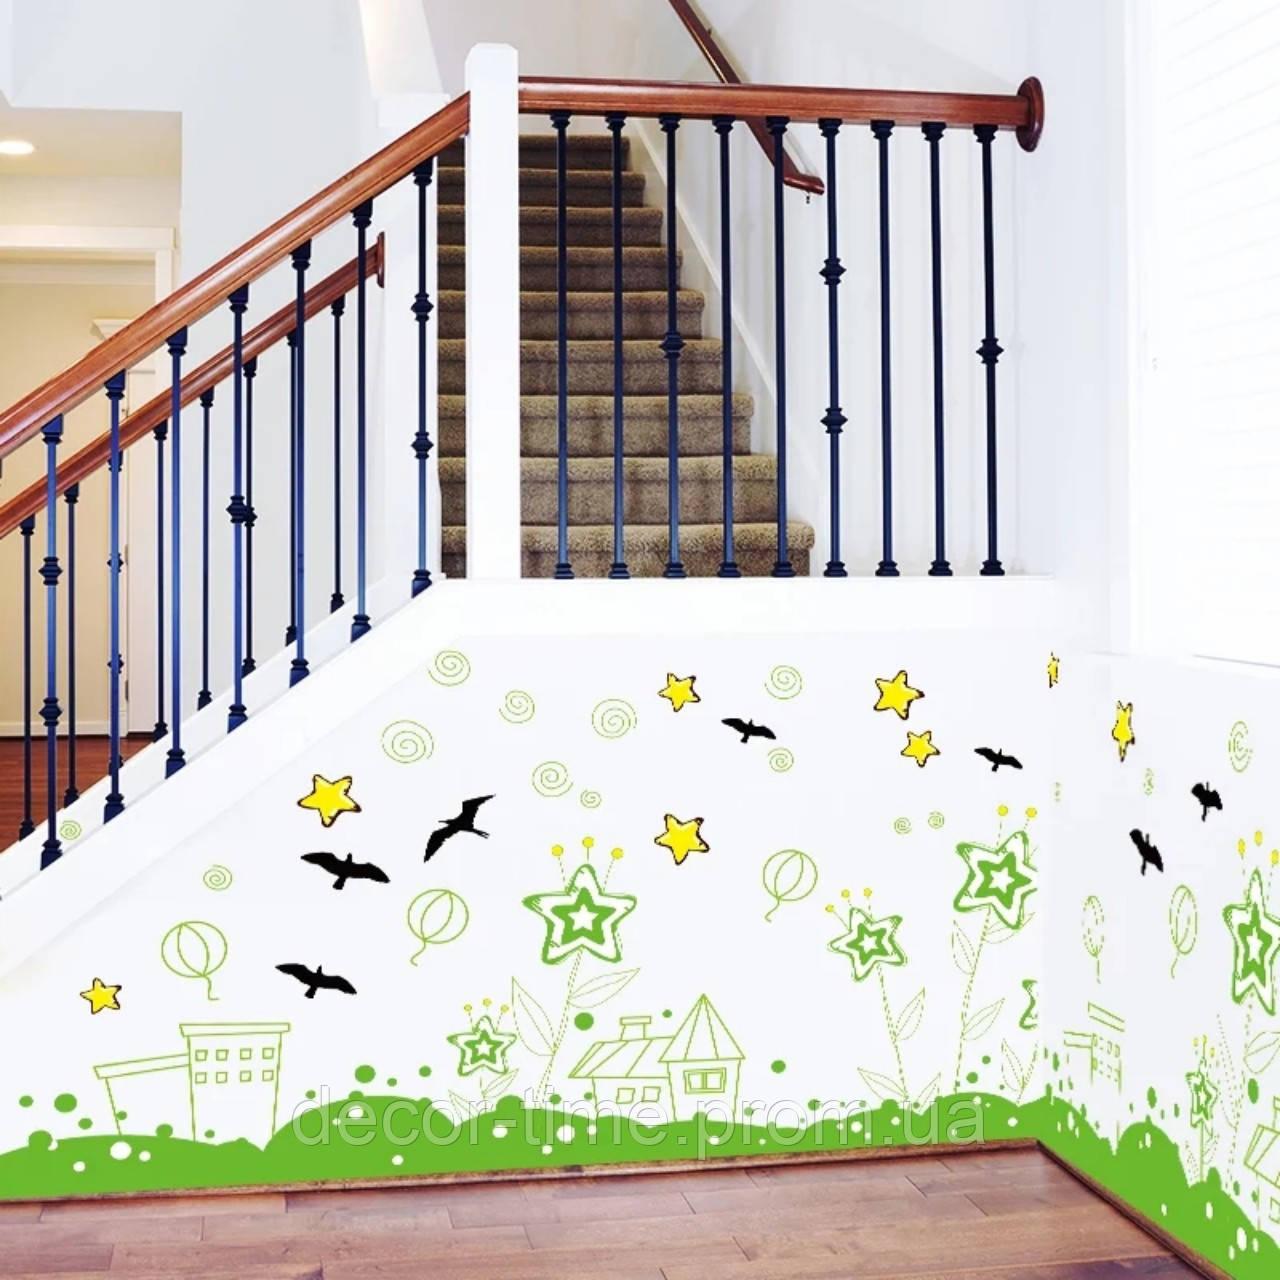 Вінілова наклейка на стіну, меблі для дому, кафе, дитячого садка (64537)